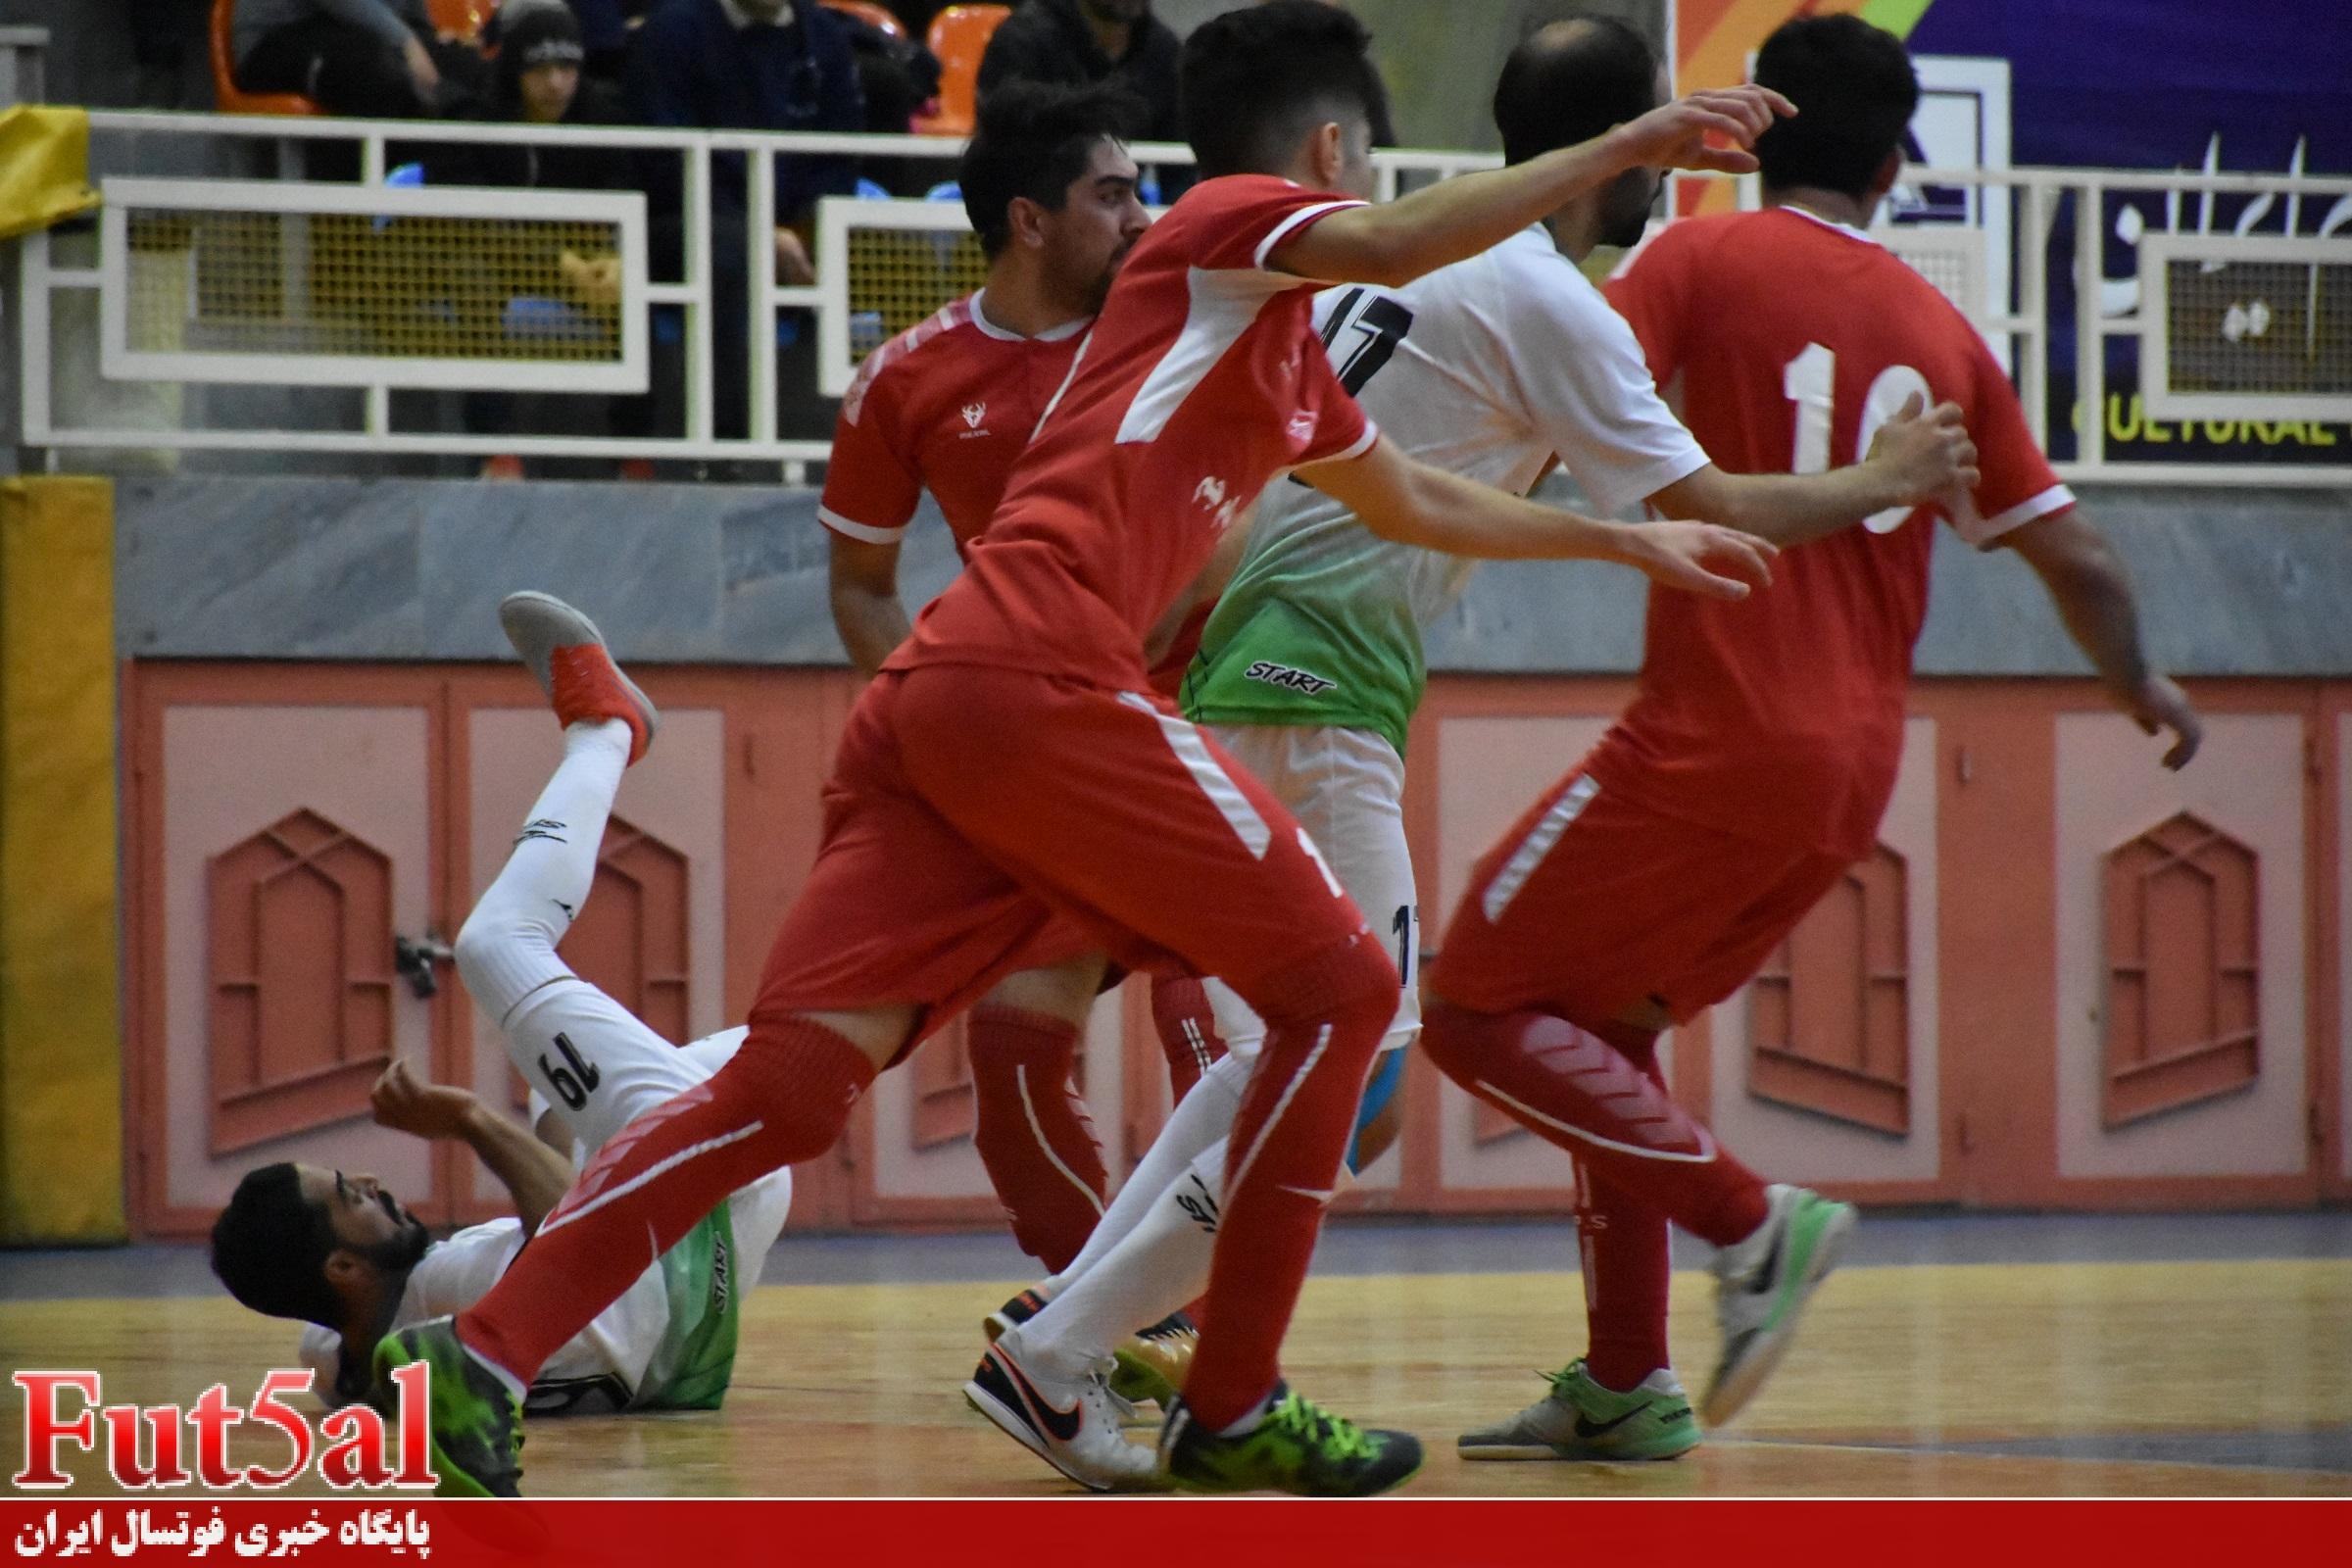 گزارش تصویری /بازی تیم های ایرالکو اراک با هیات فوتبال کرمانشاه